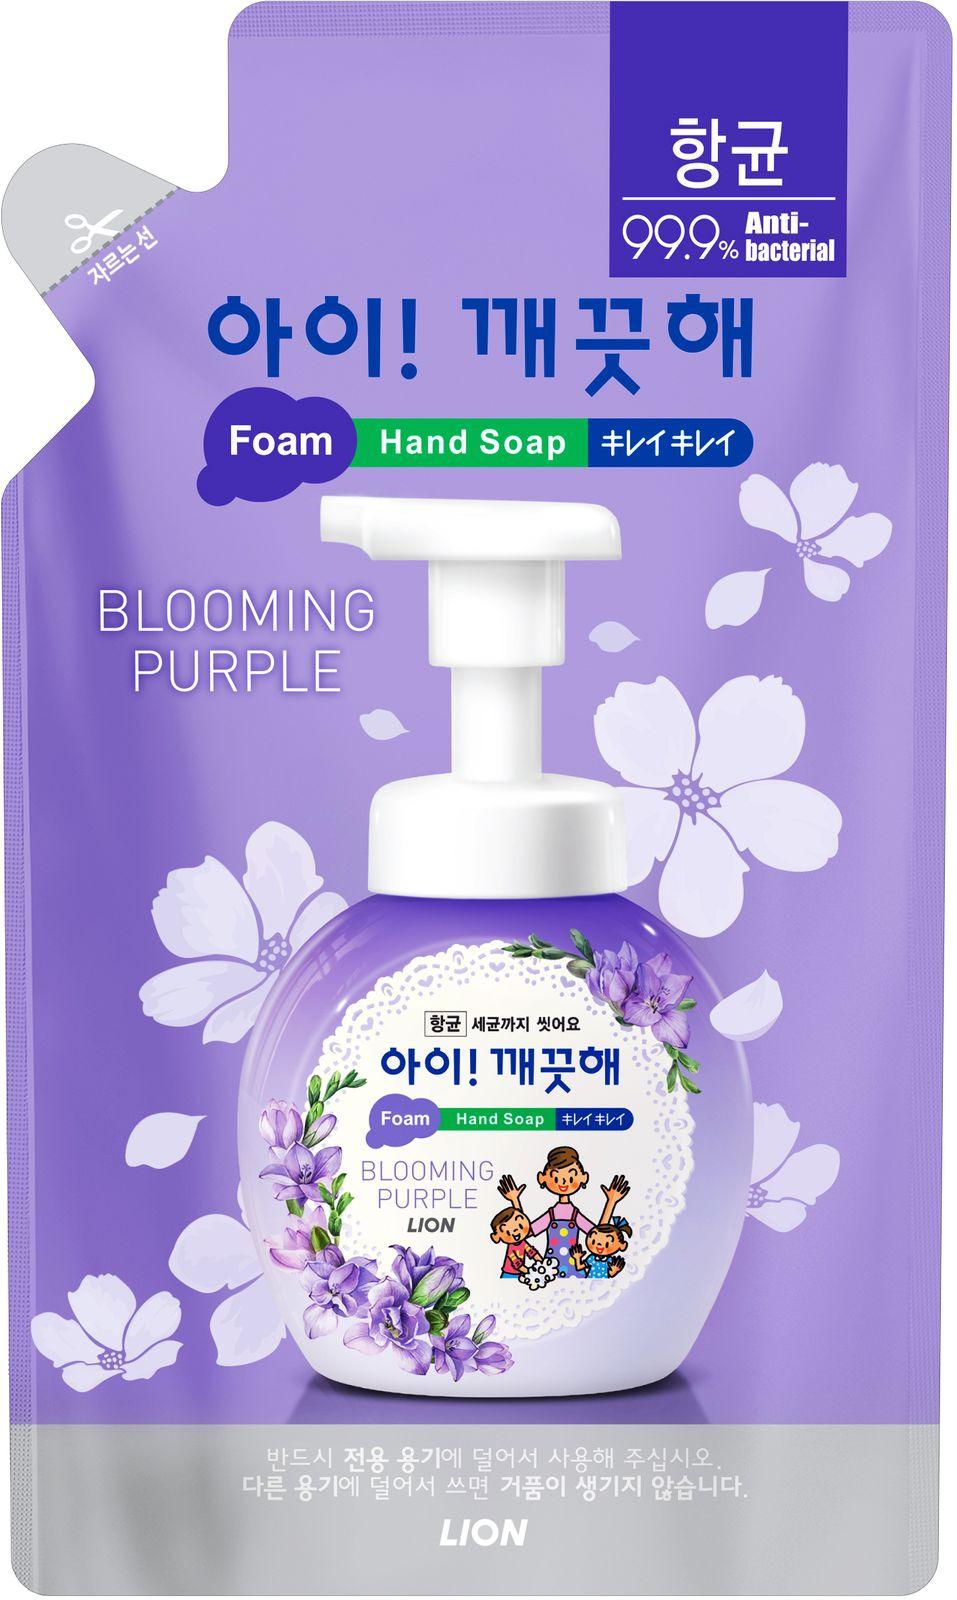 Жидкое мыло CJ Lion Ai-Kekute Аромат фиалки, антибактериальное, запасной блок, 200 мл